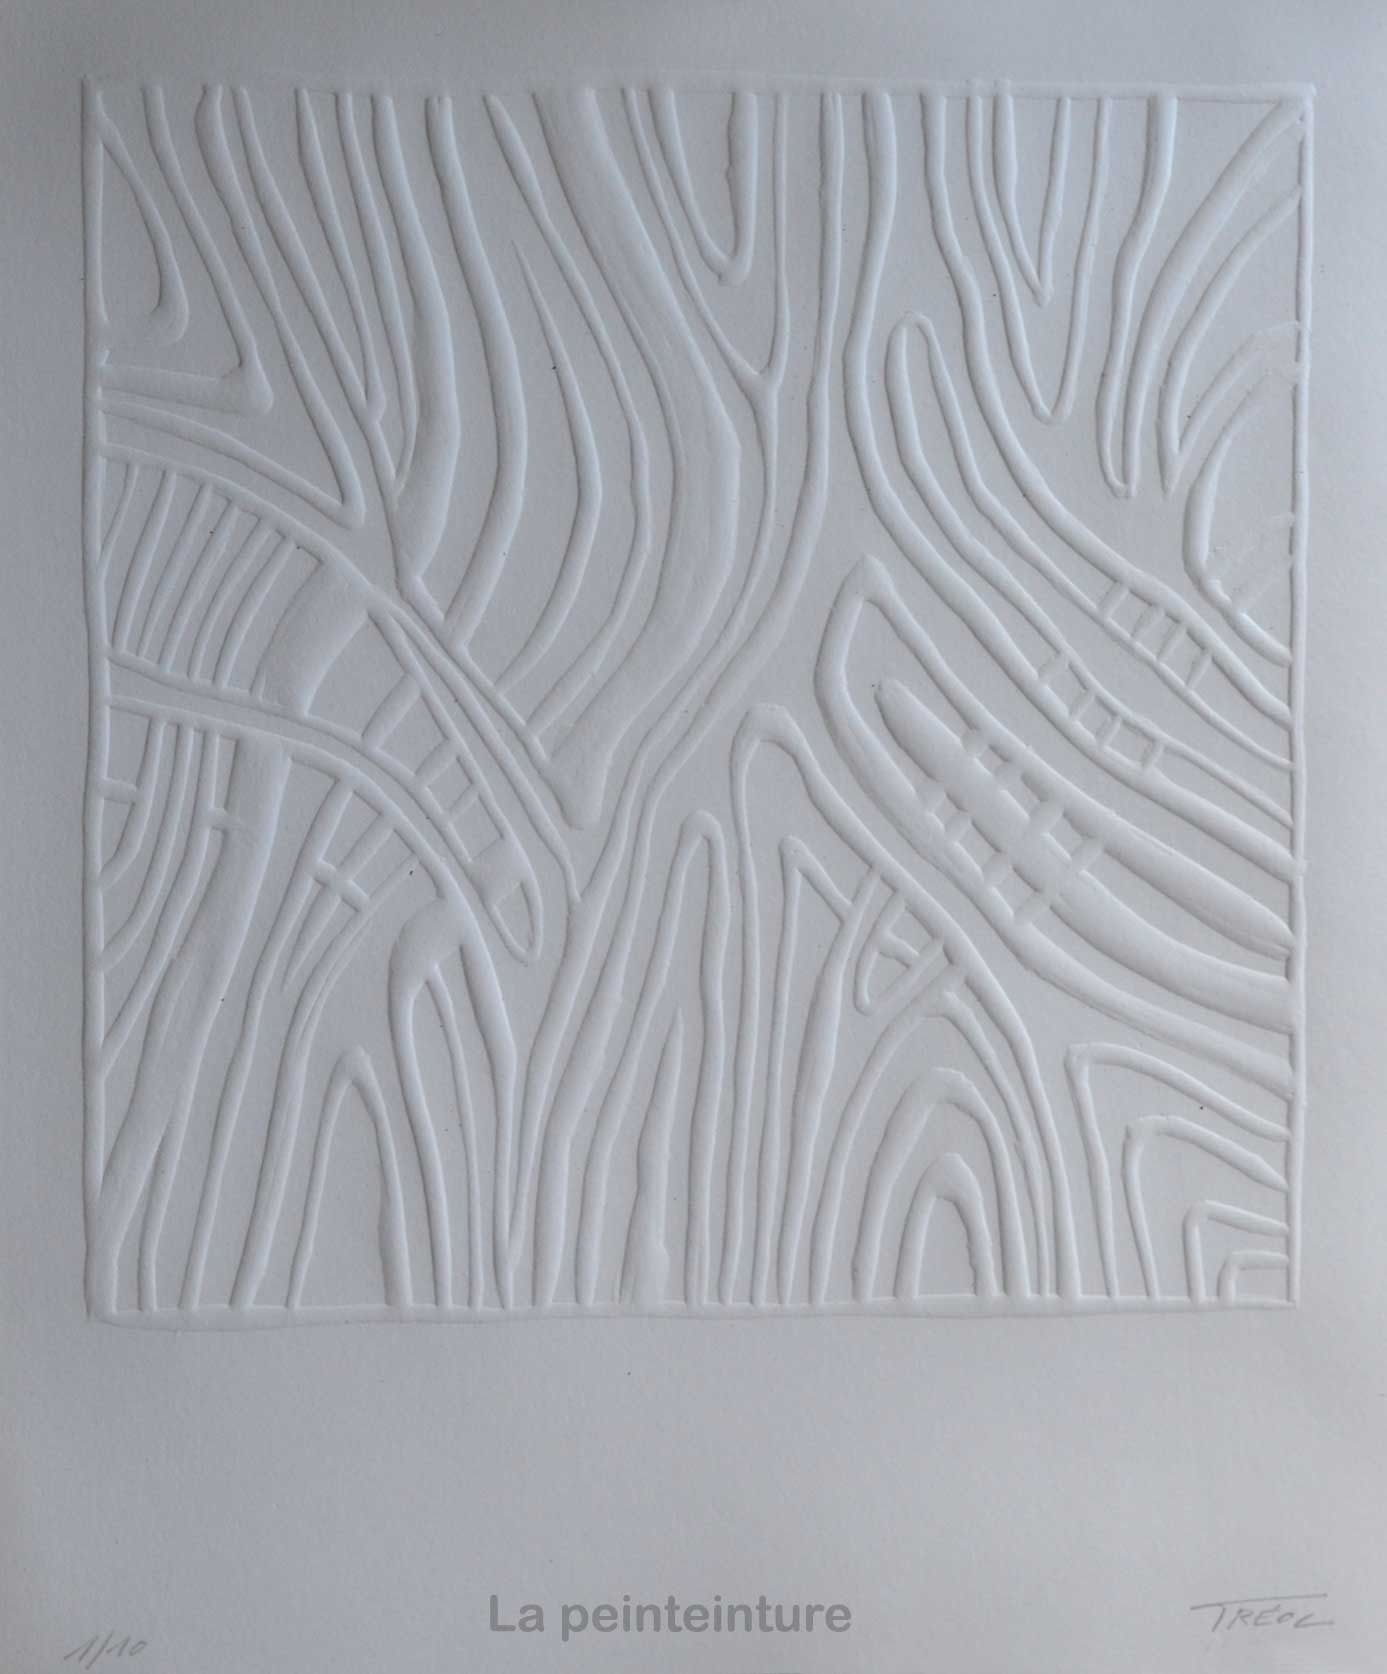 Papier Gaufré À Peindre Œuvre monochrome en papier gaufré. : sculptures, gravures